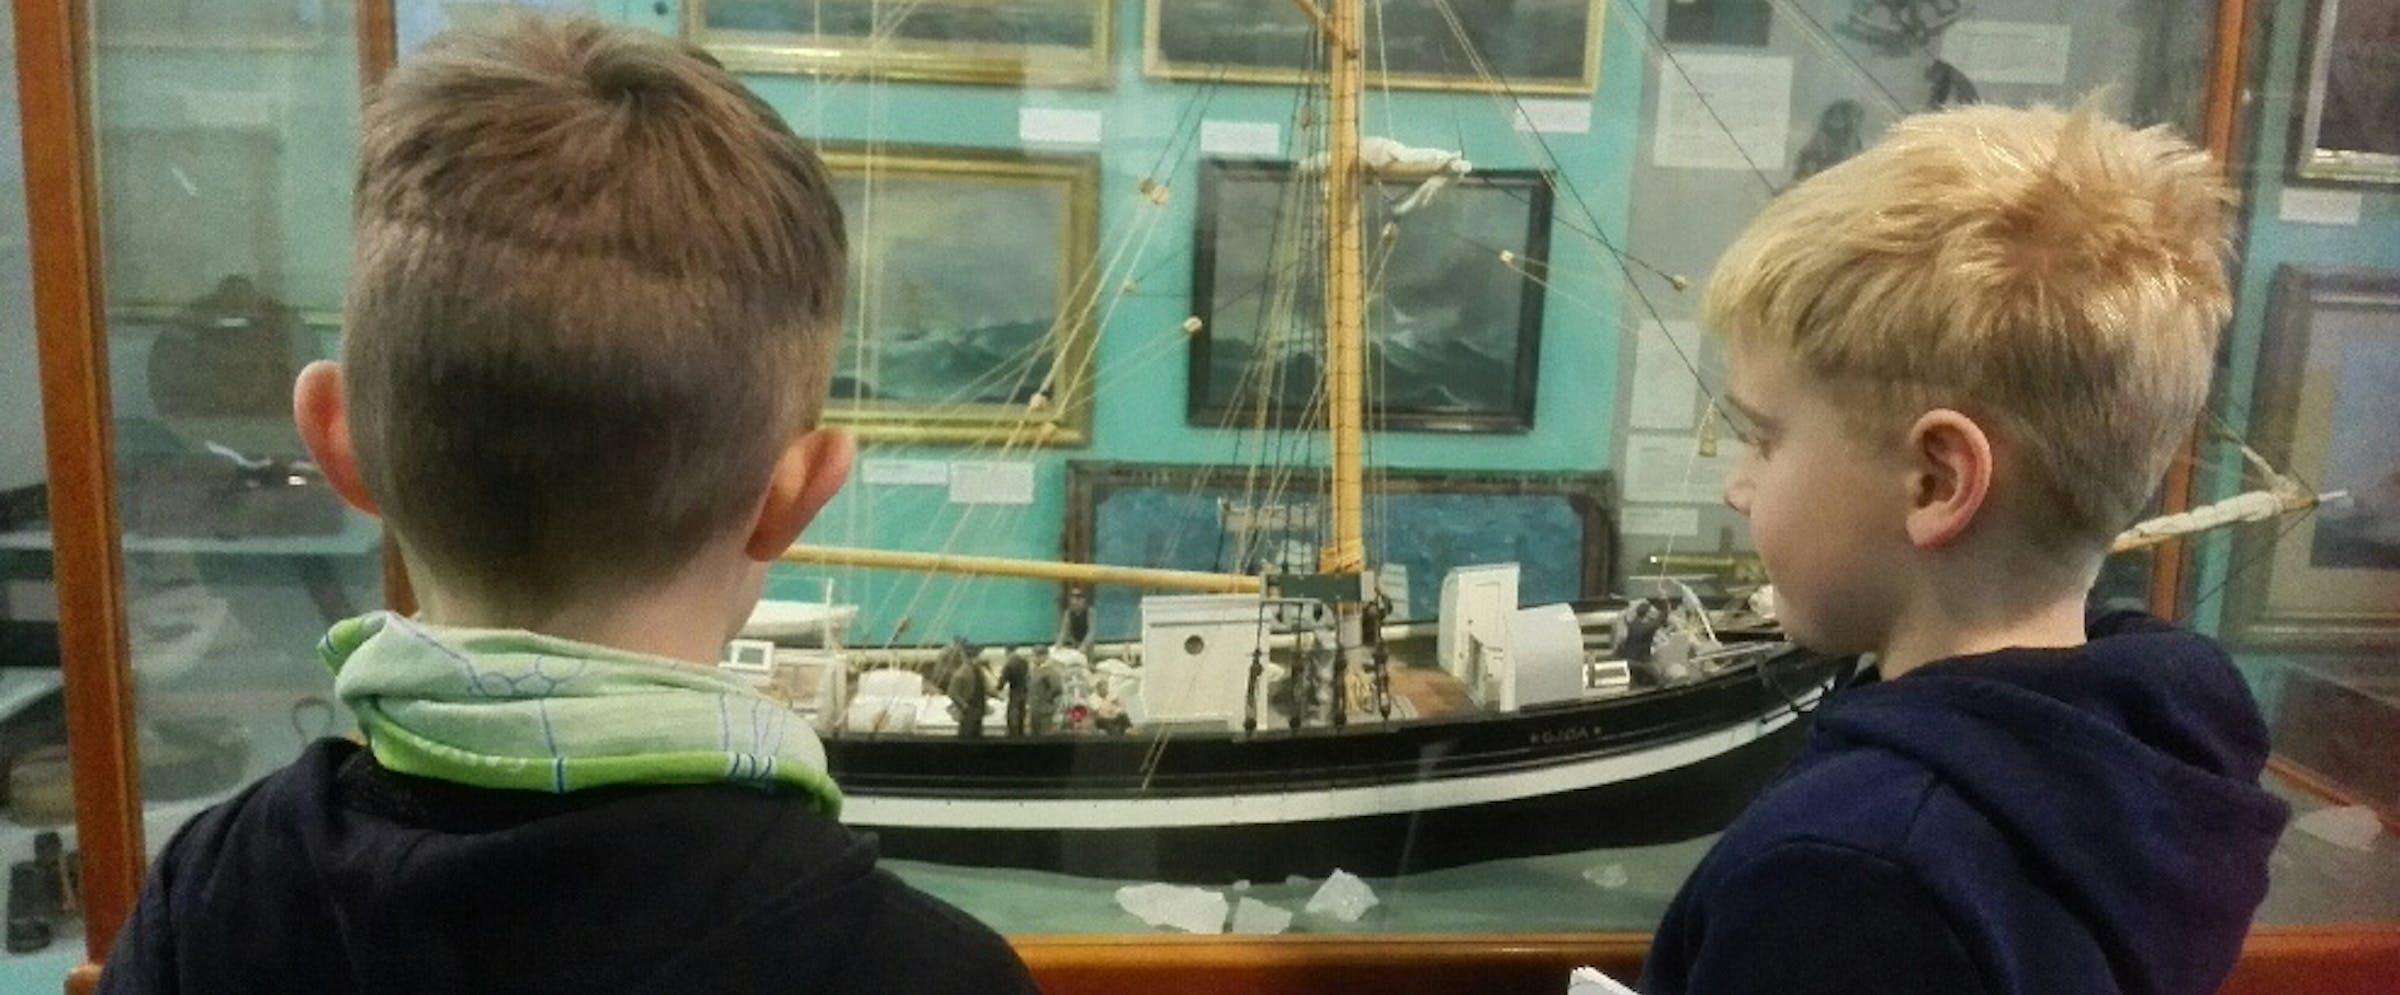 Barn i sjøfarten 2.